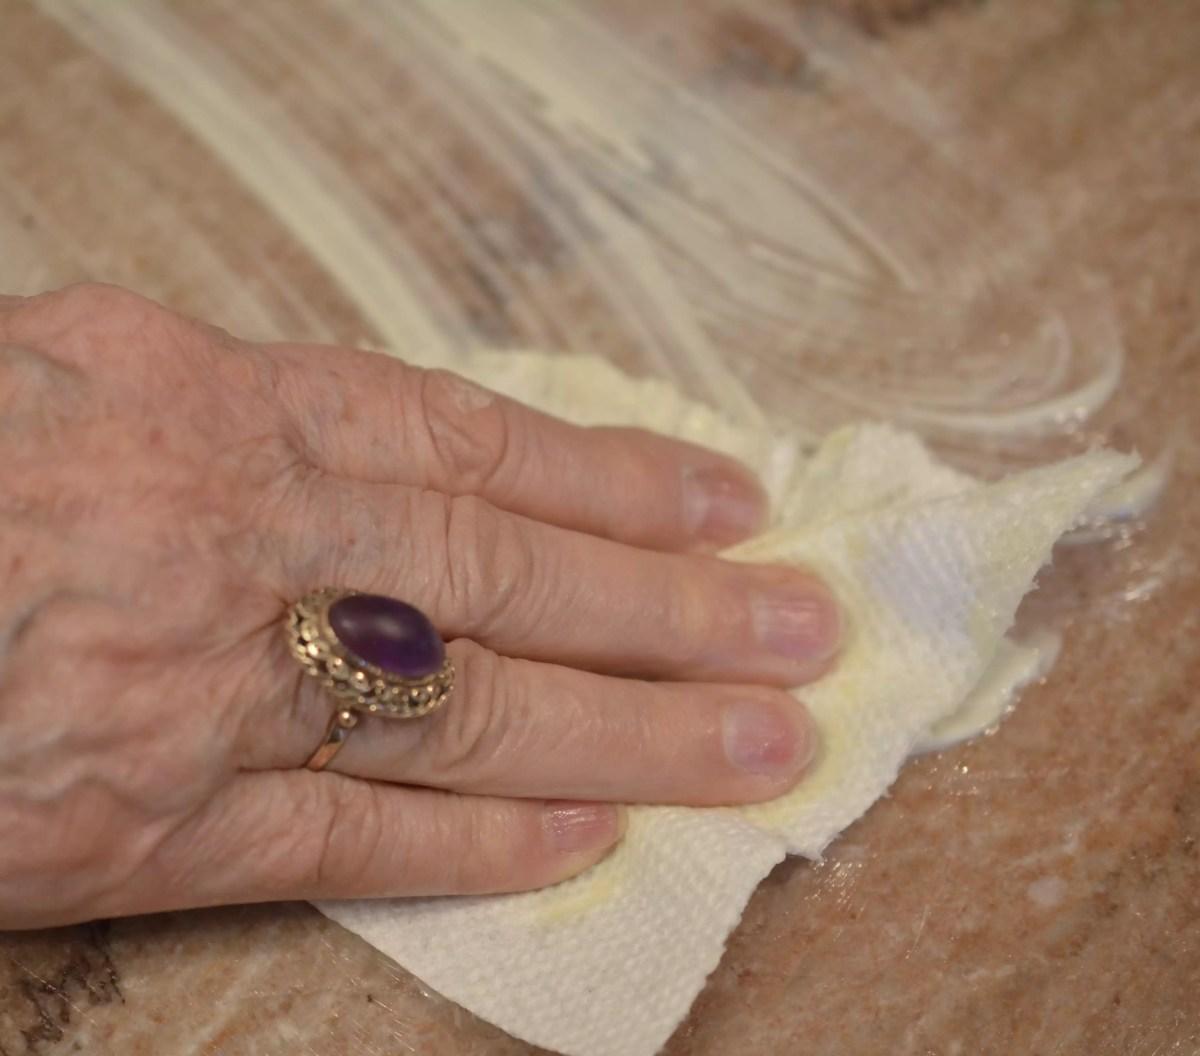 peanut brittle on virginiawillis.com